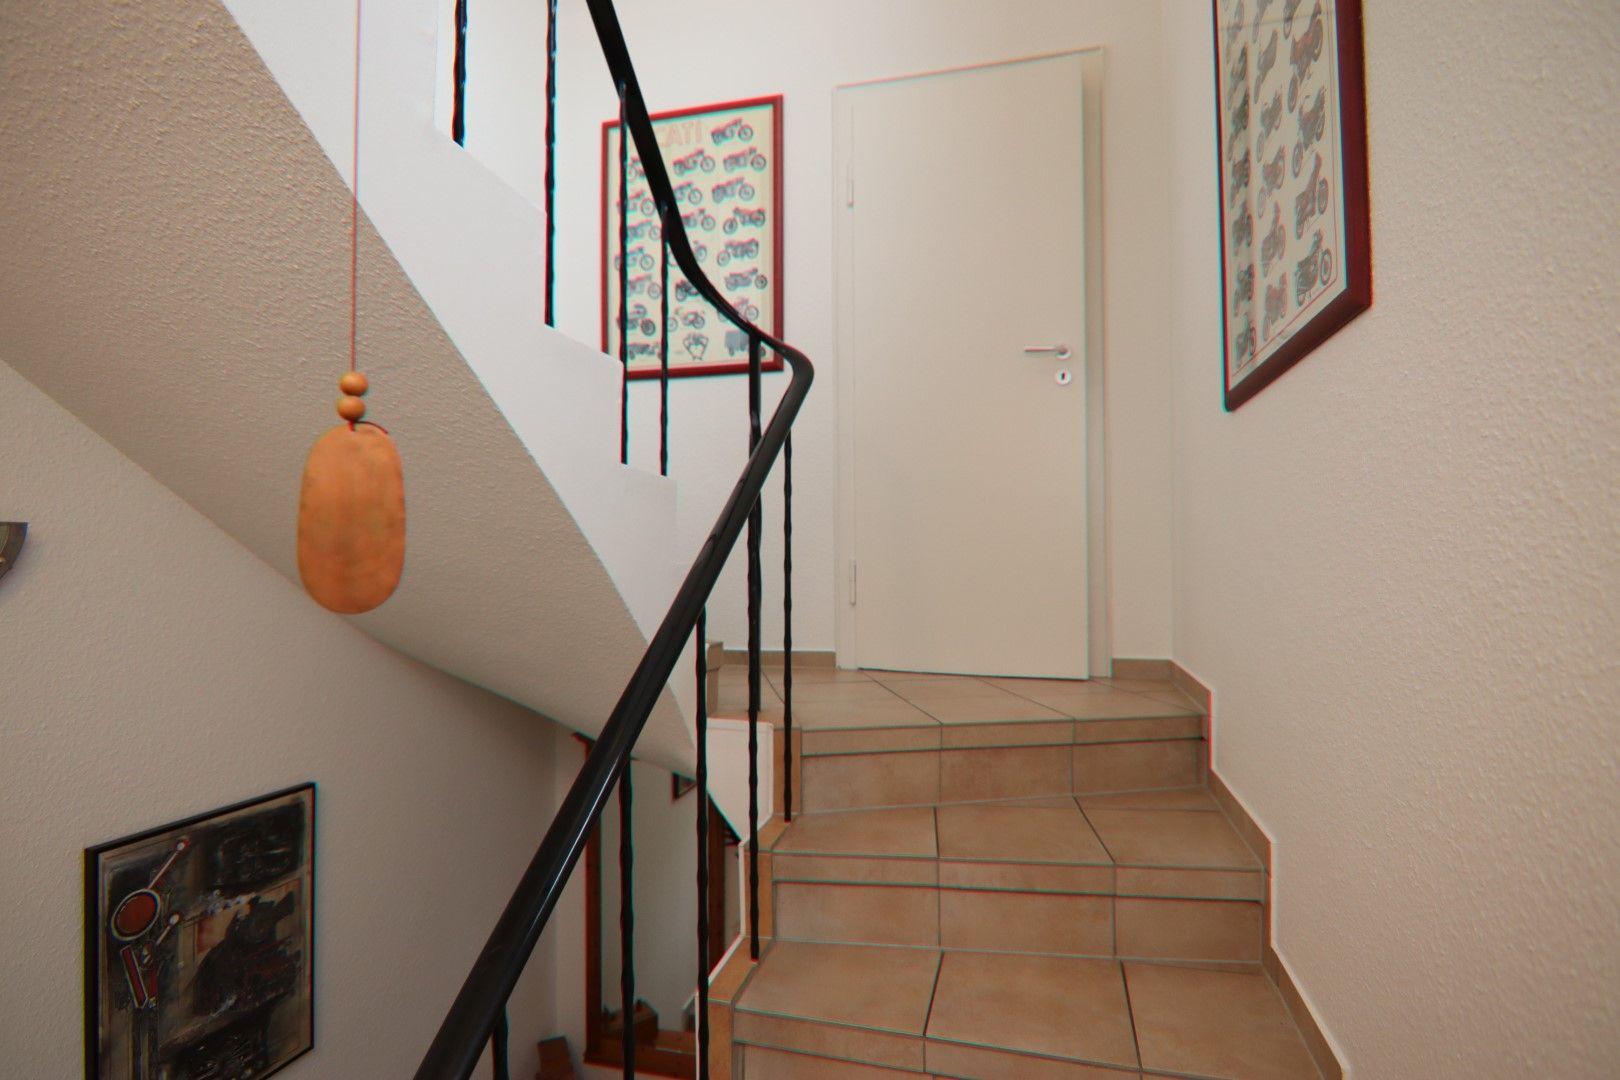 Immobilie Nr.0281 - Freistehendes EFH mit Vollkeller, Wintergarten u. Garage  - Bild 13.jpg